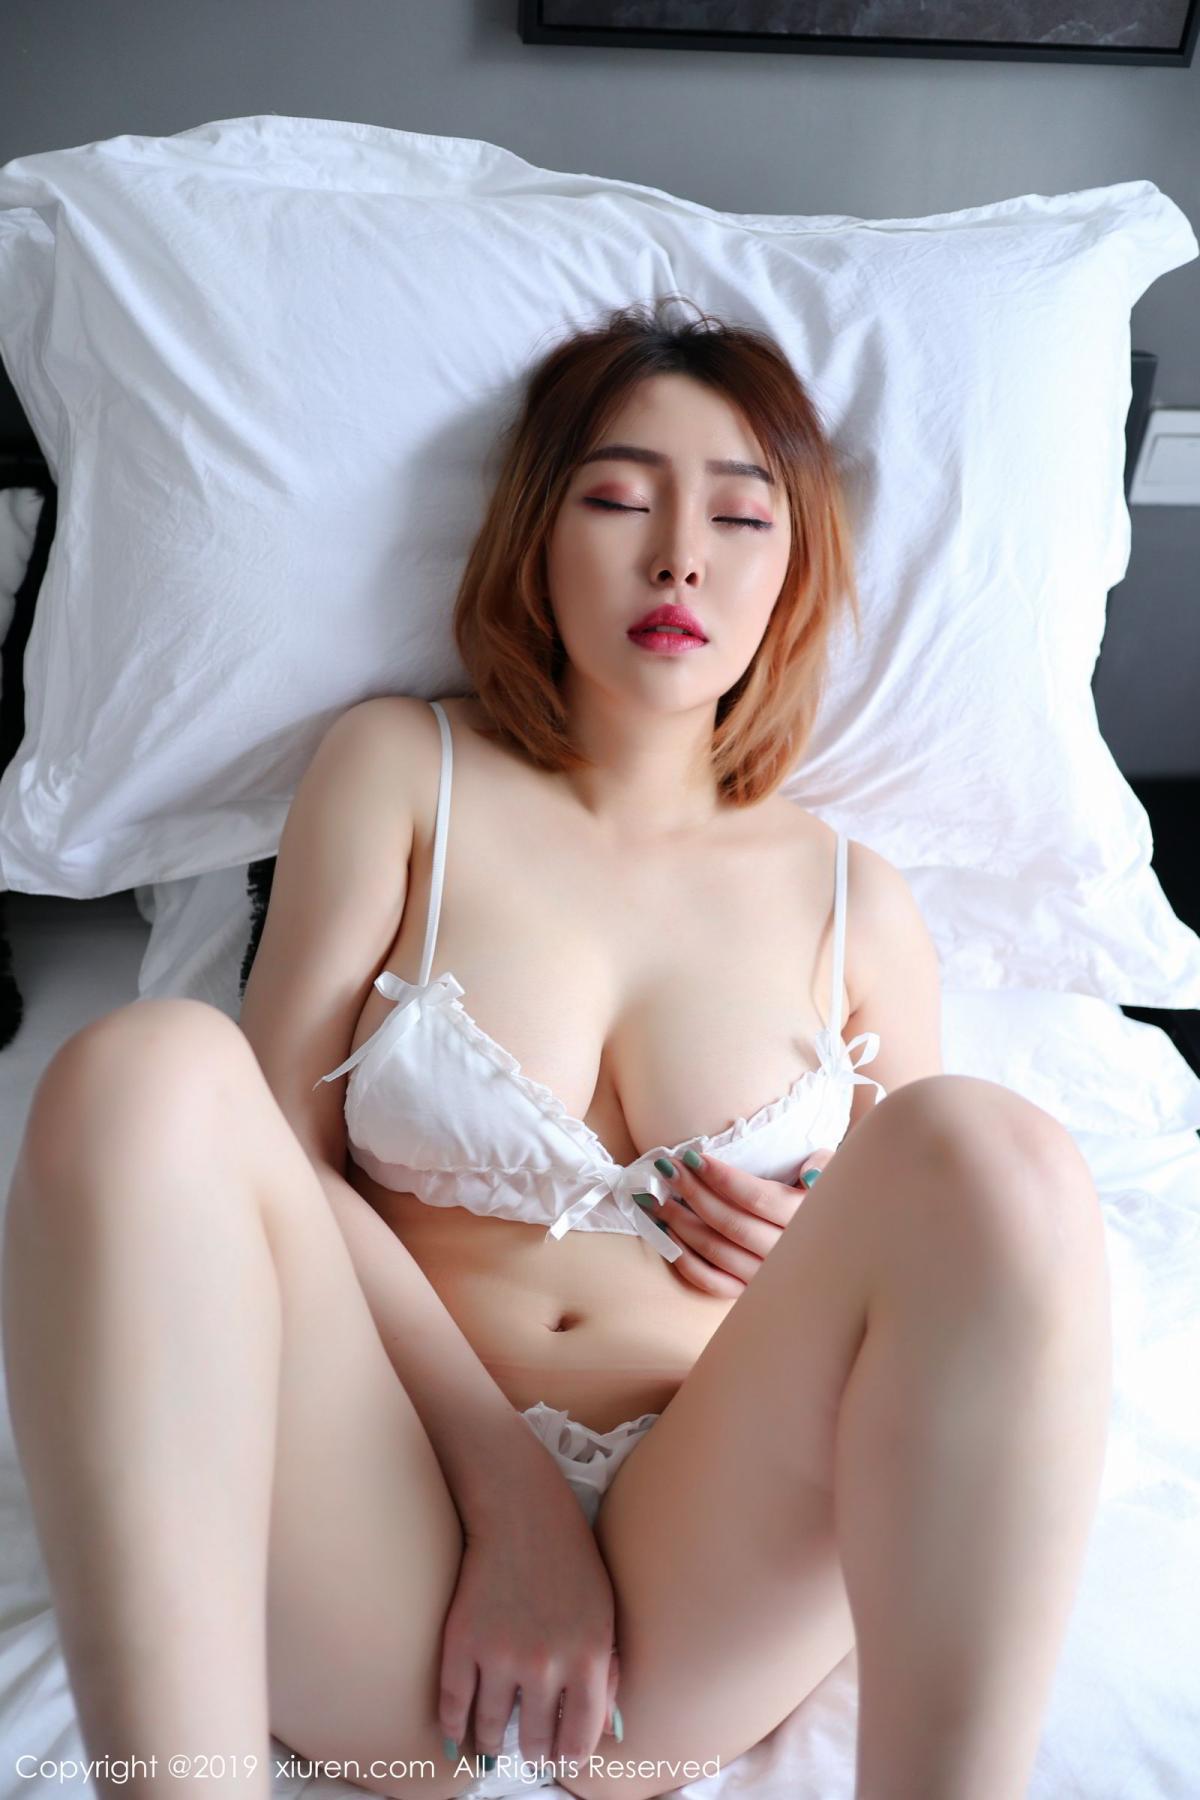 [XiuRen] Vol.1711 Yao A Yao De Yao 28P, Fair Skin, Underwear, Xiuren, Yao A Yao De Yao